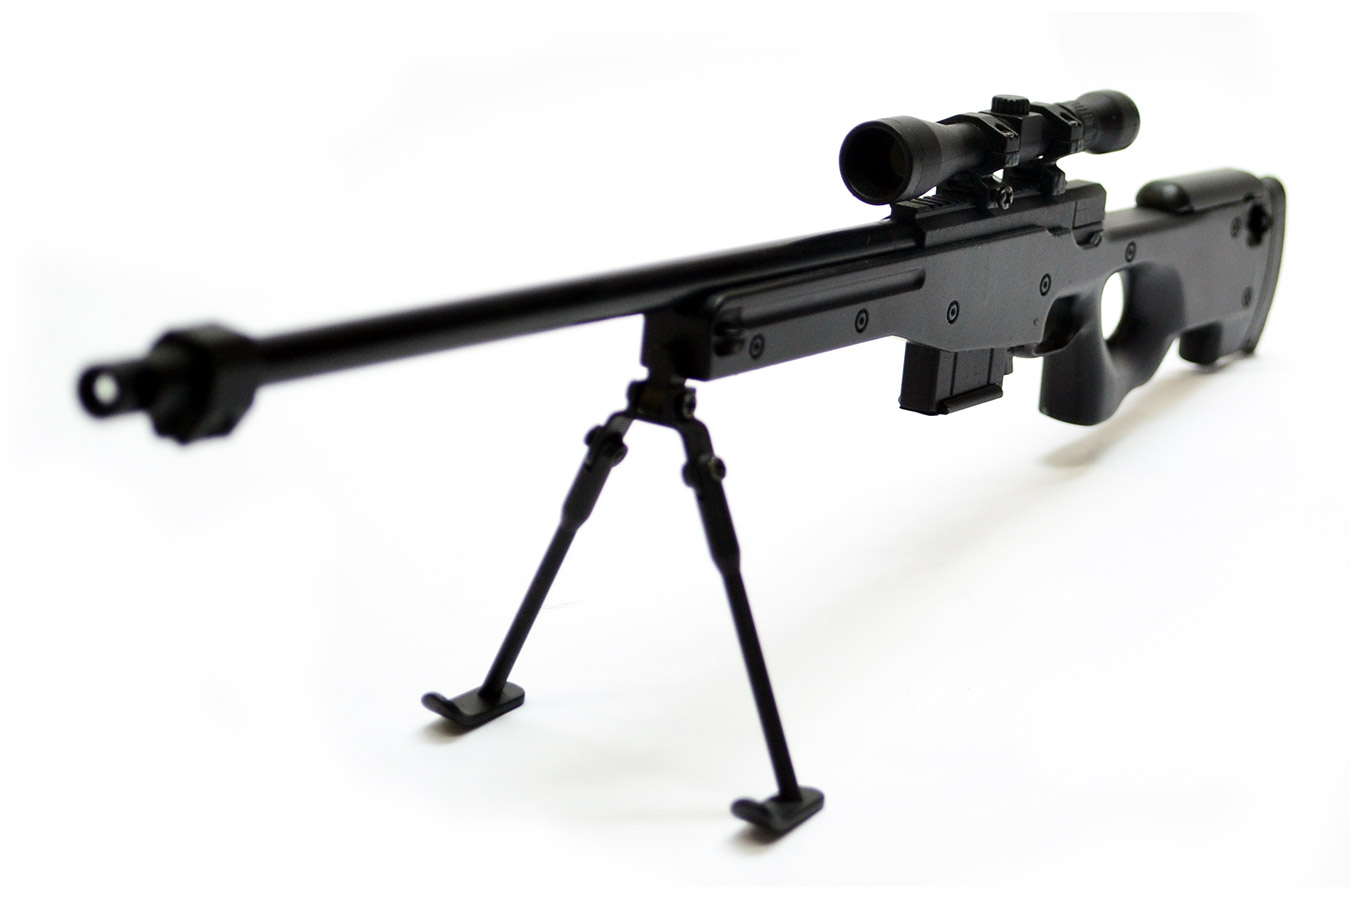 Макет снайперской винтовки Accuracy International L96A1 (AWP) в масштабе 1:3 черный